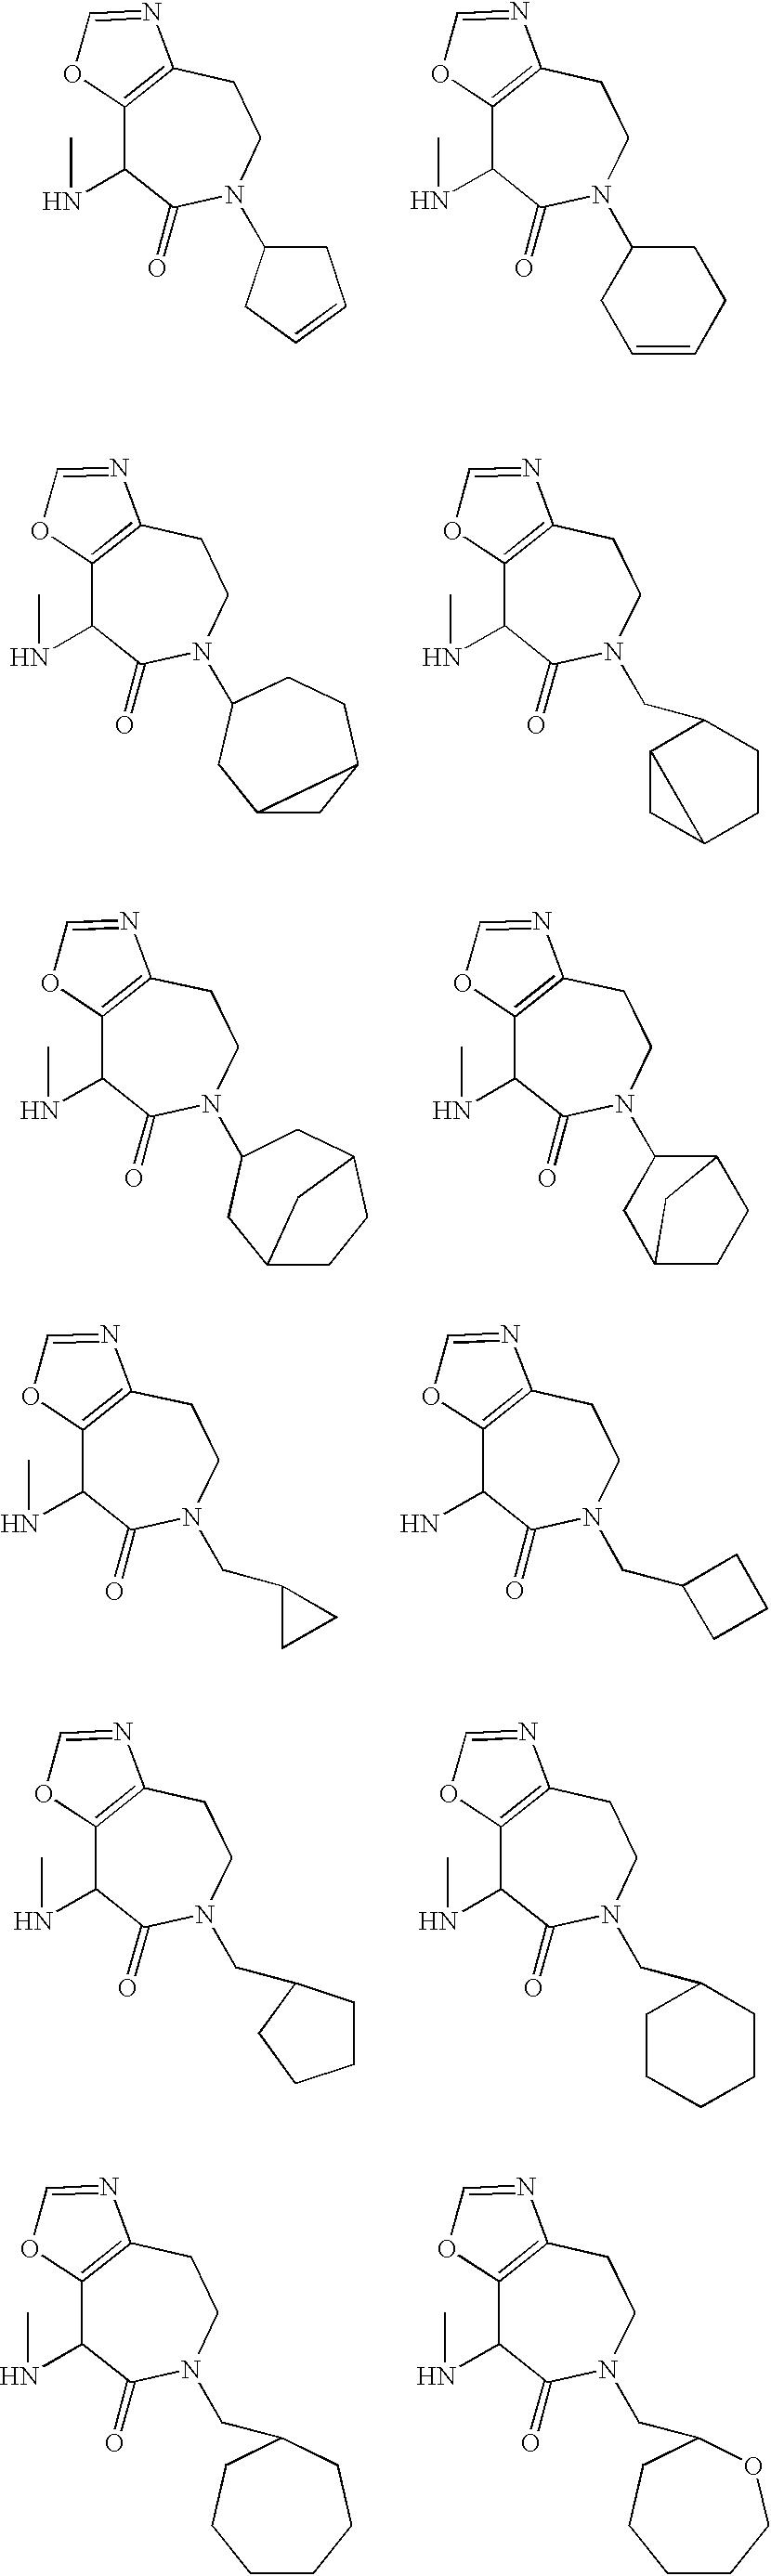 Figure US06509331-20030121-C00071